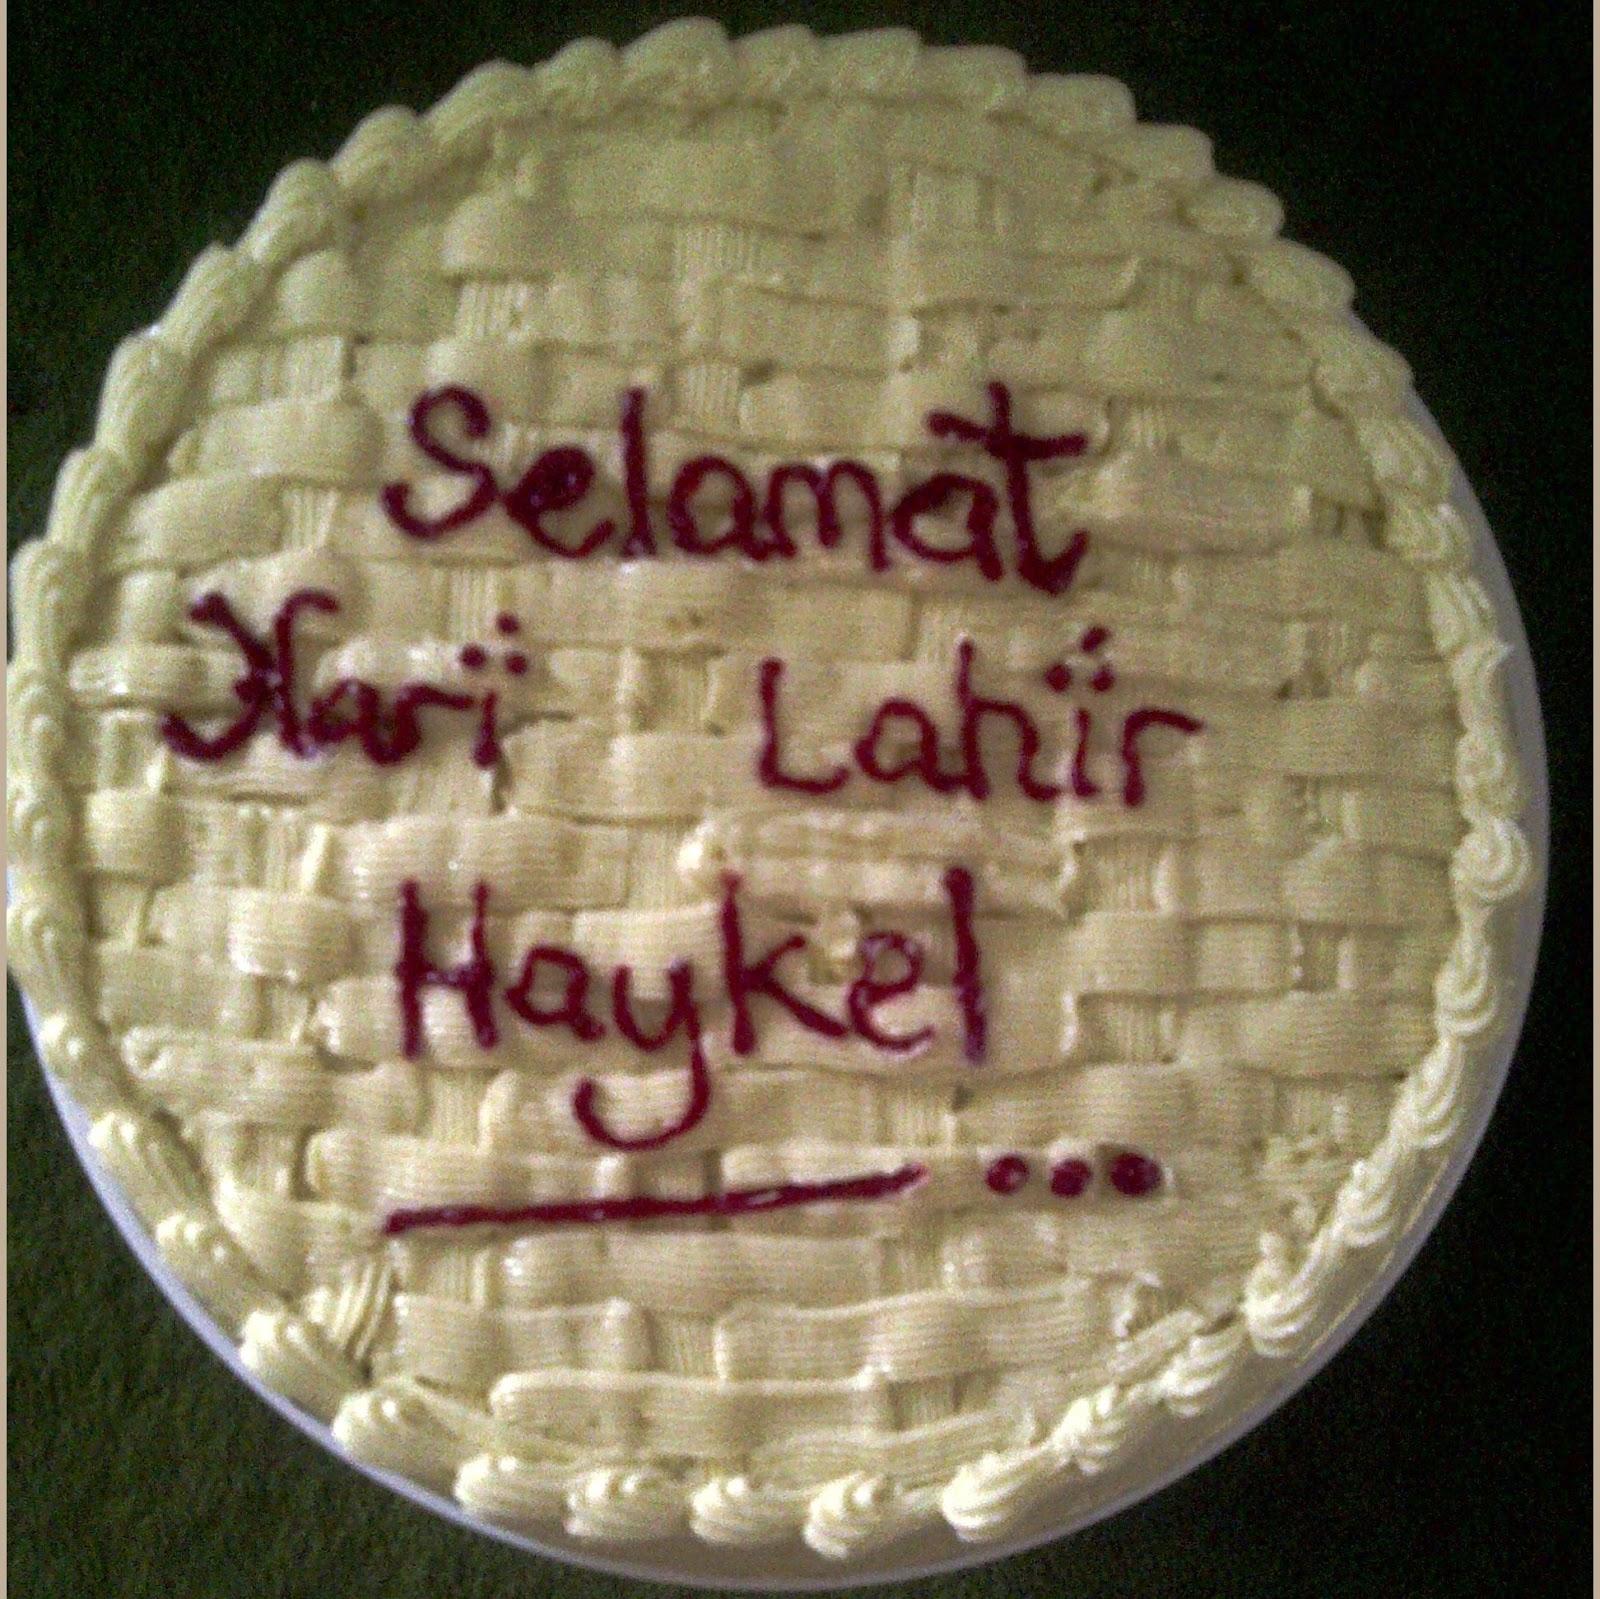 Cake Images With Name Hari : Bakerlicious Cupcakery: Selamat Hari Lahir Haykel - Red ...